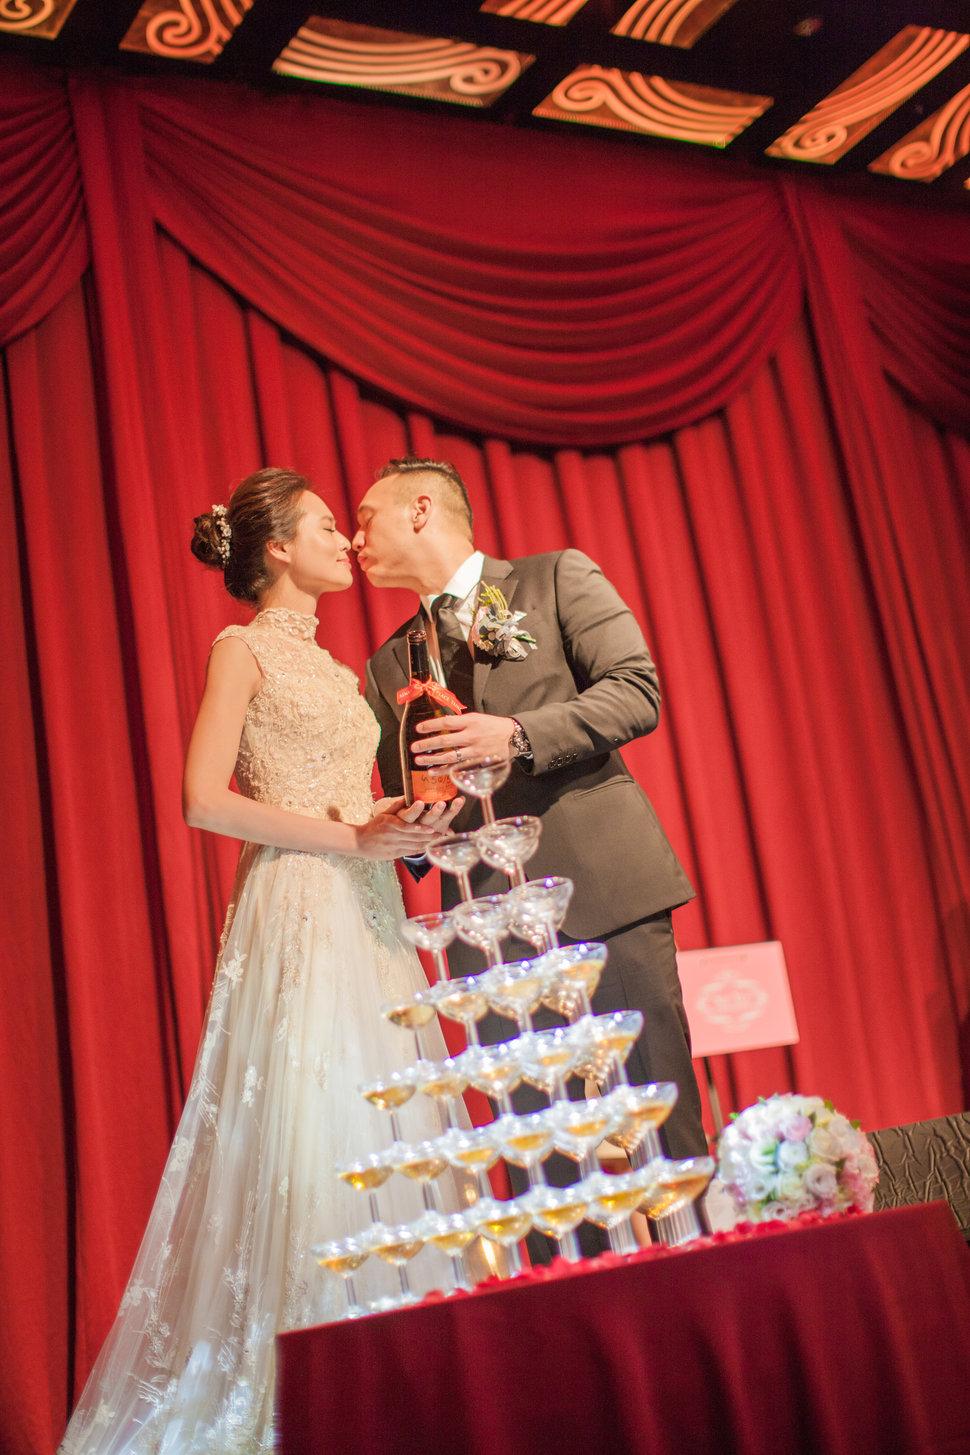 3g8y3761_38187038576_o - Leo影像 - 結婚吧